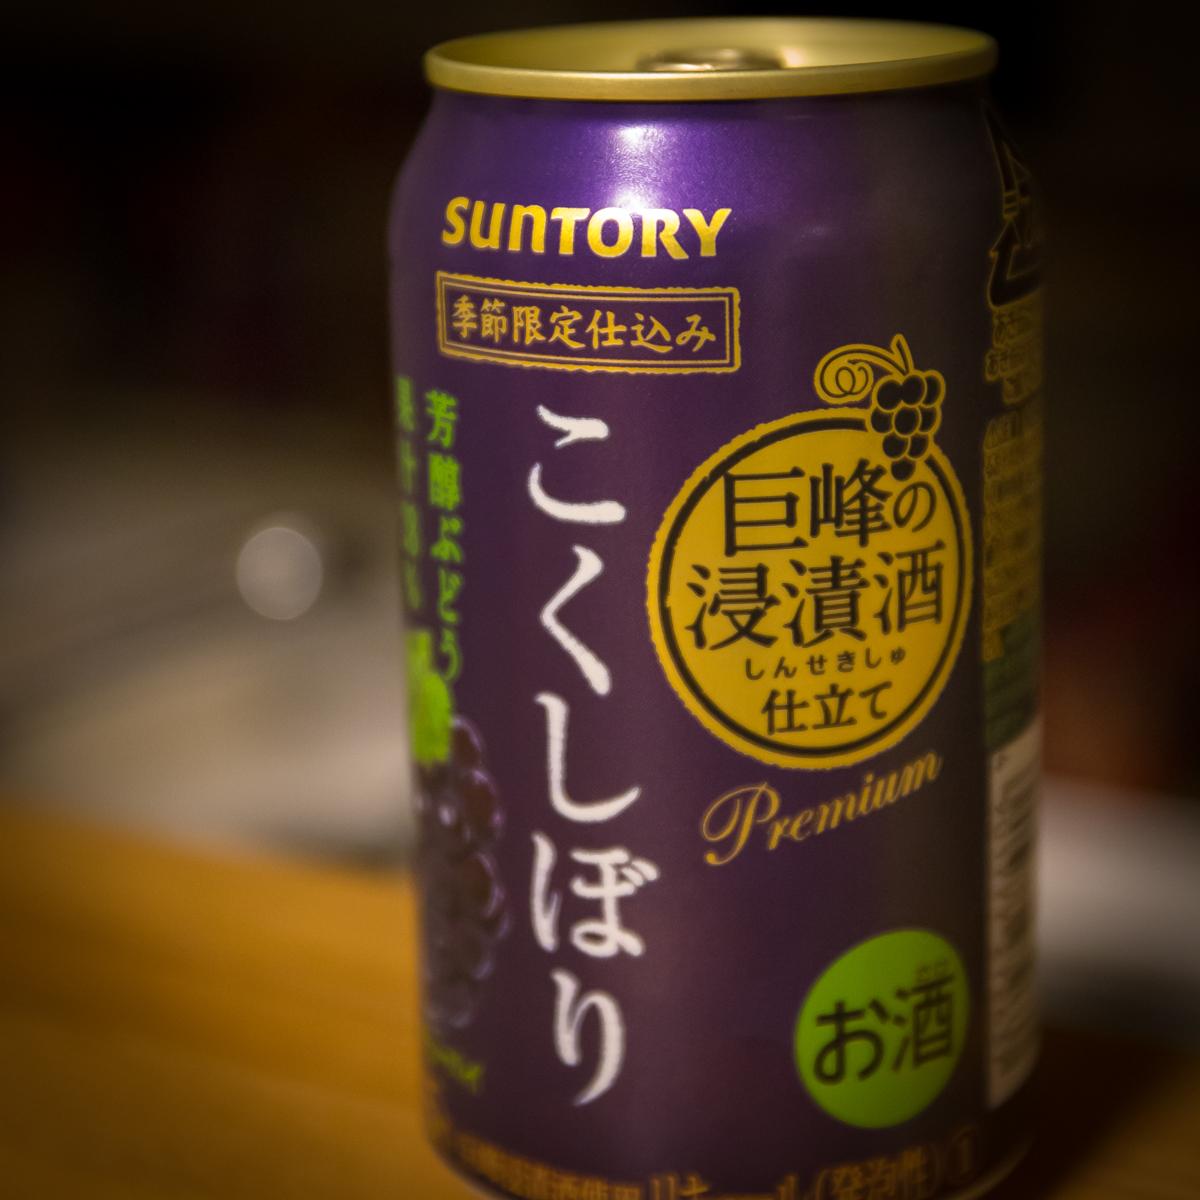 晩酌ダイジェスト(6)